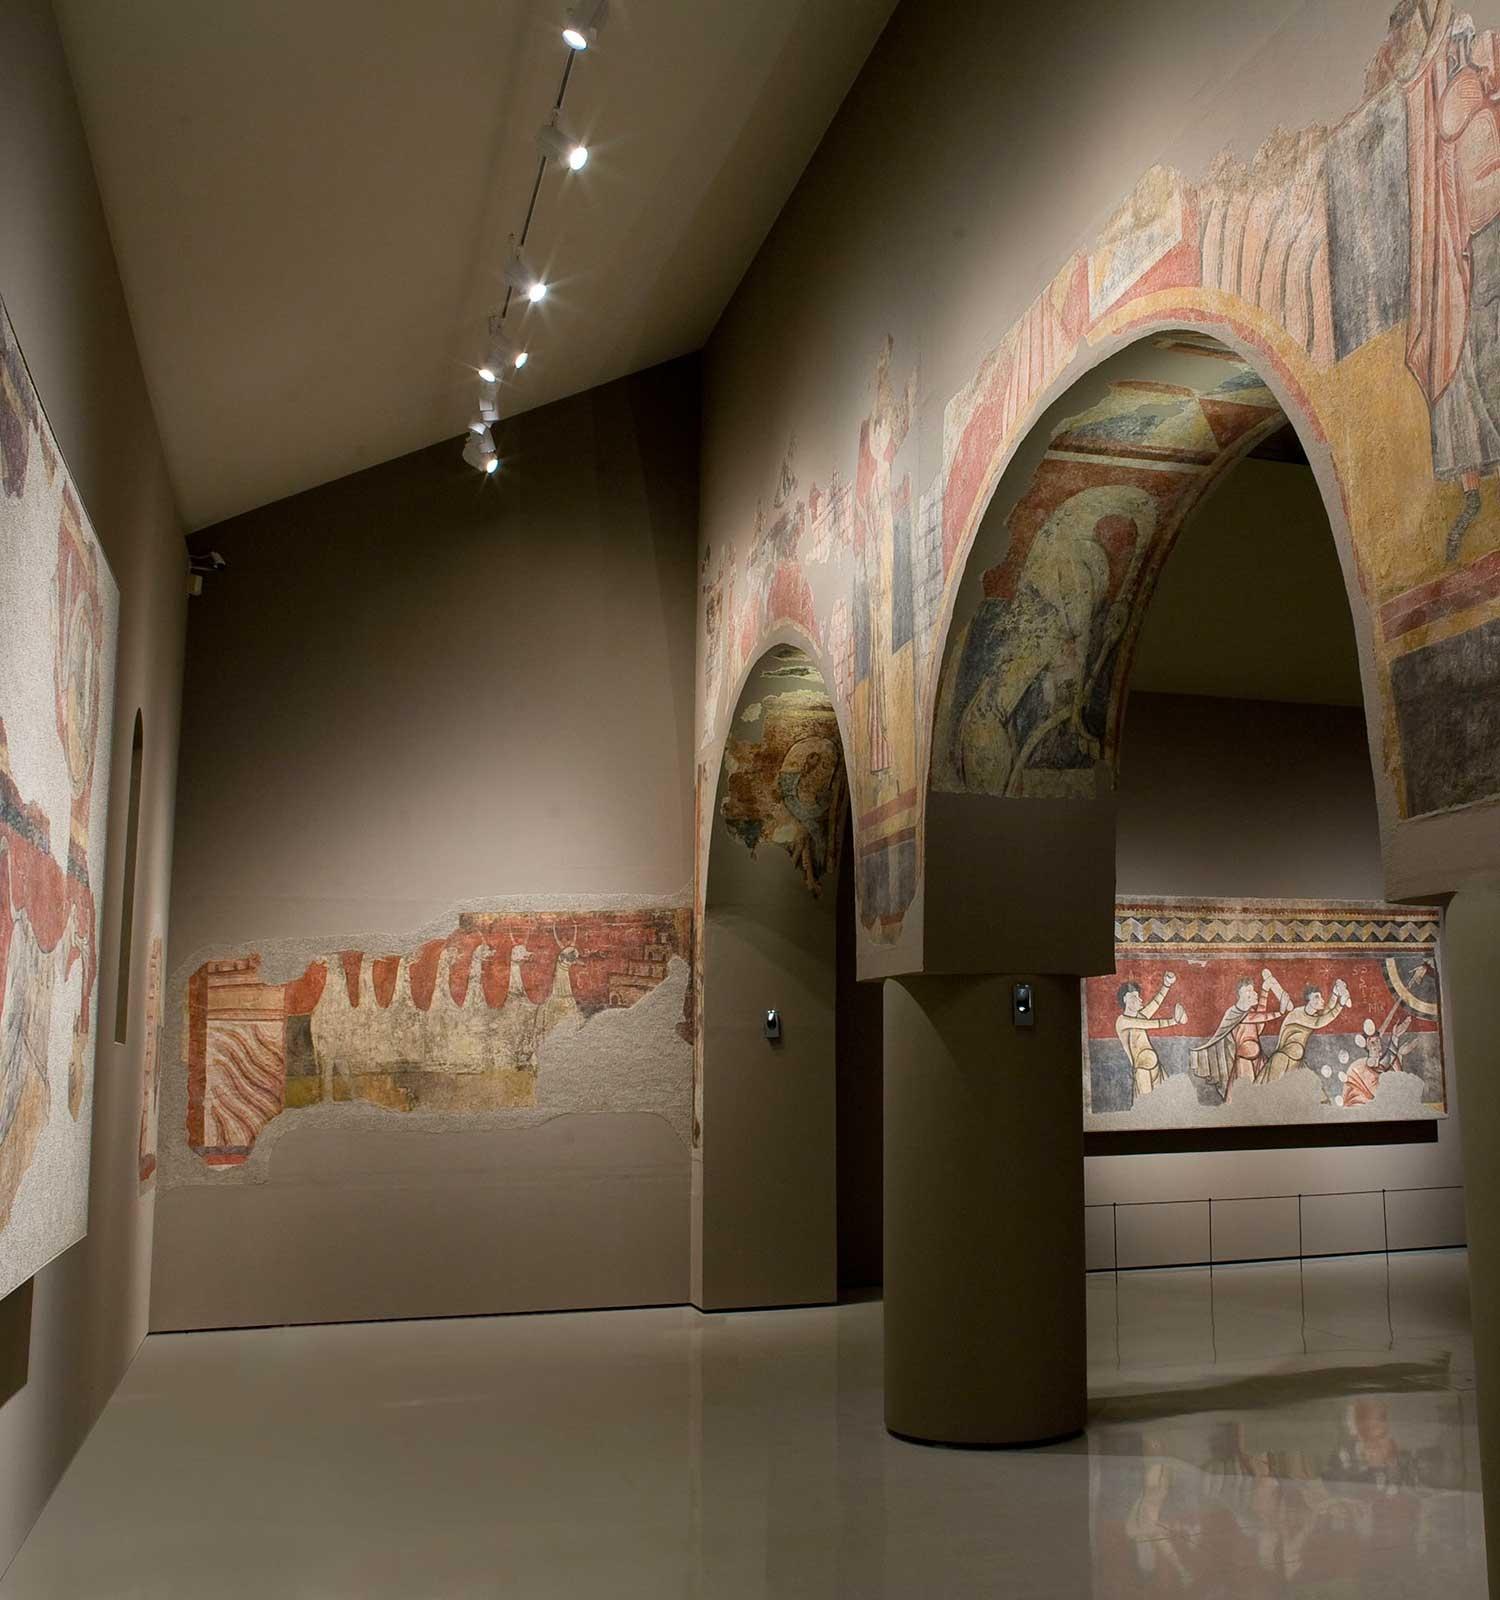 Museu Nacional - Itinerari romànic